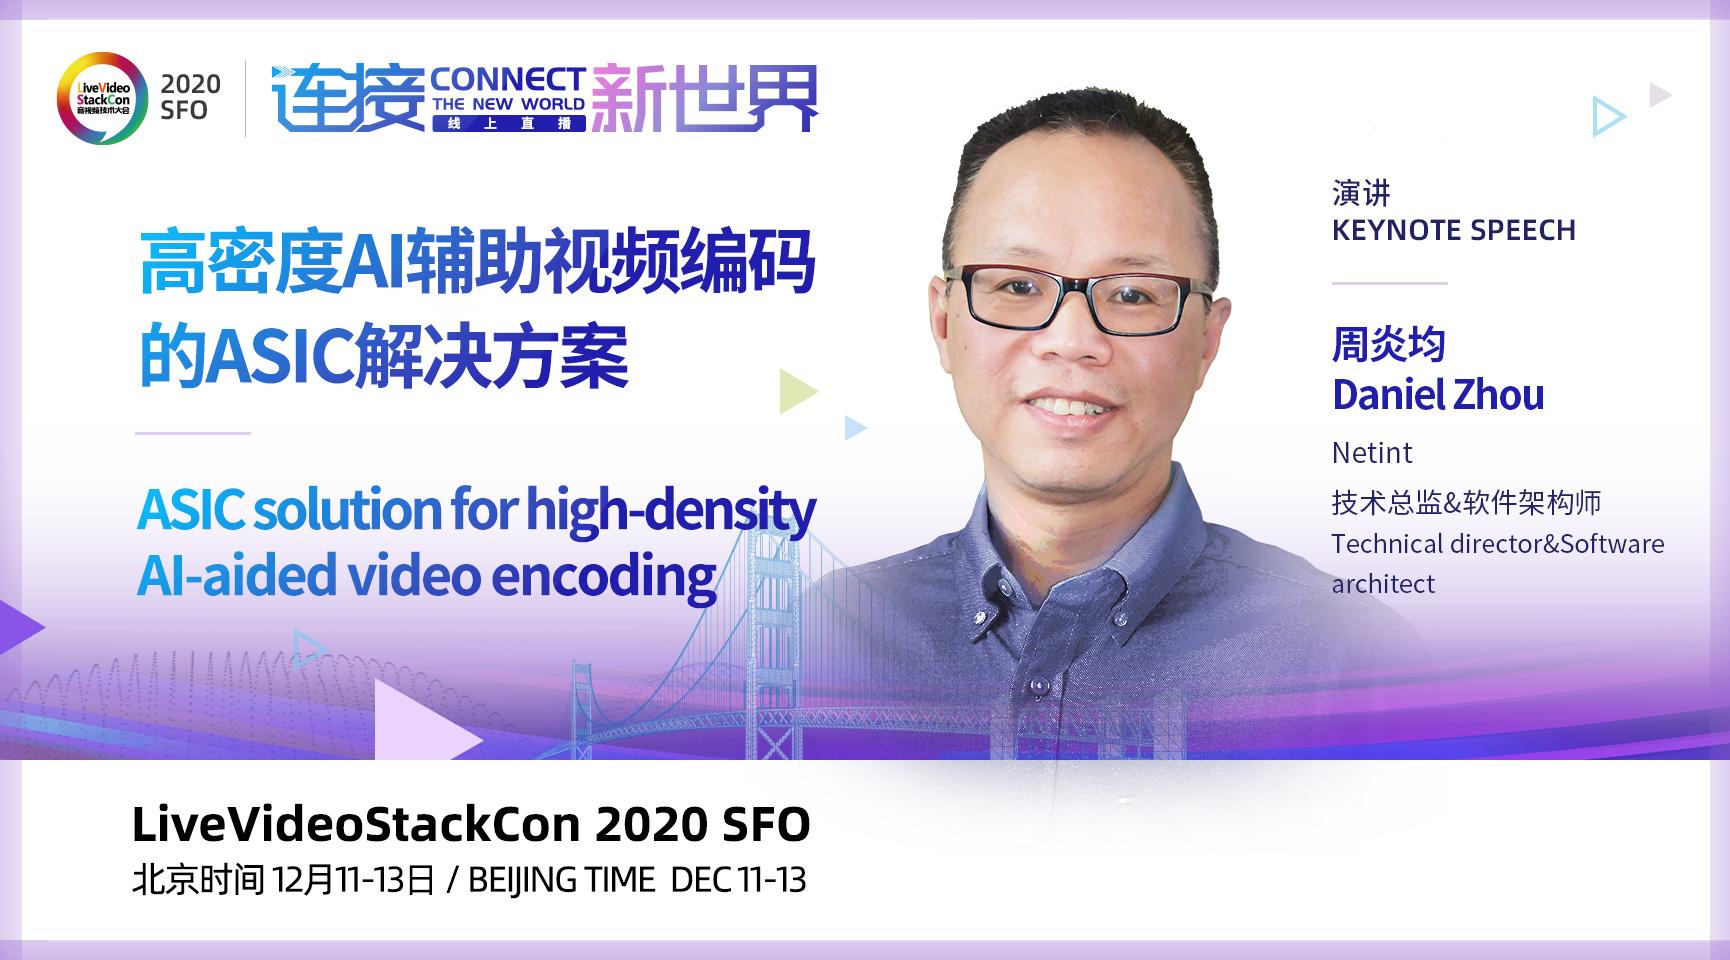 高密度AI辅助视频编码的ASIC解决方案